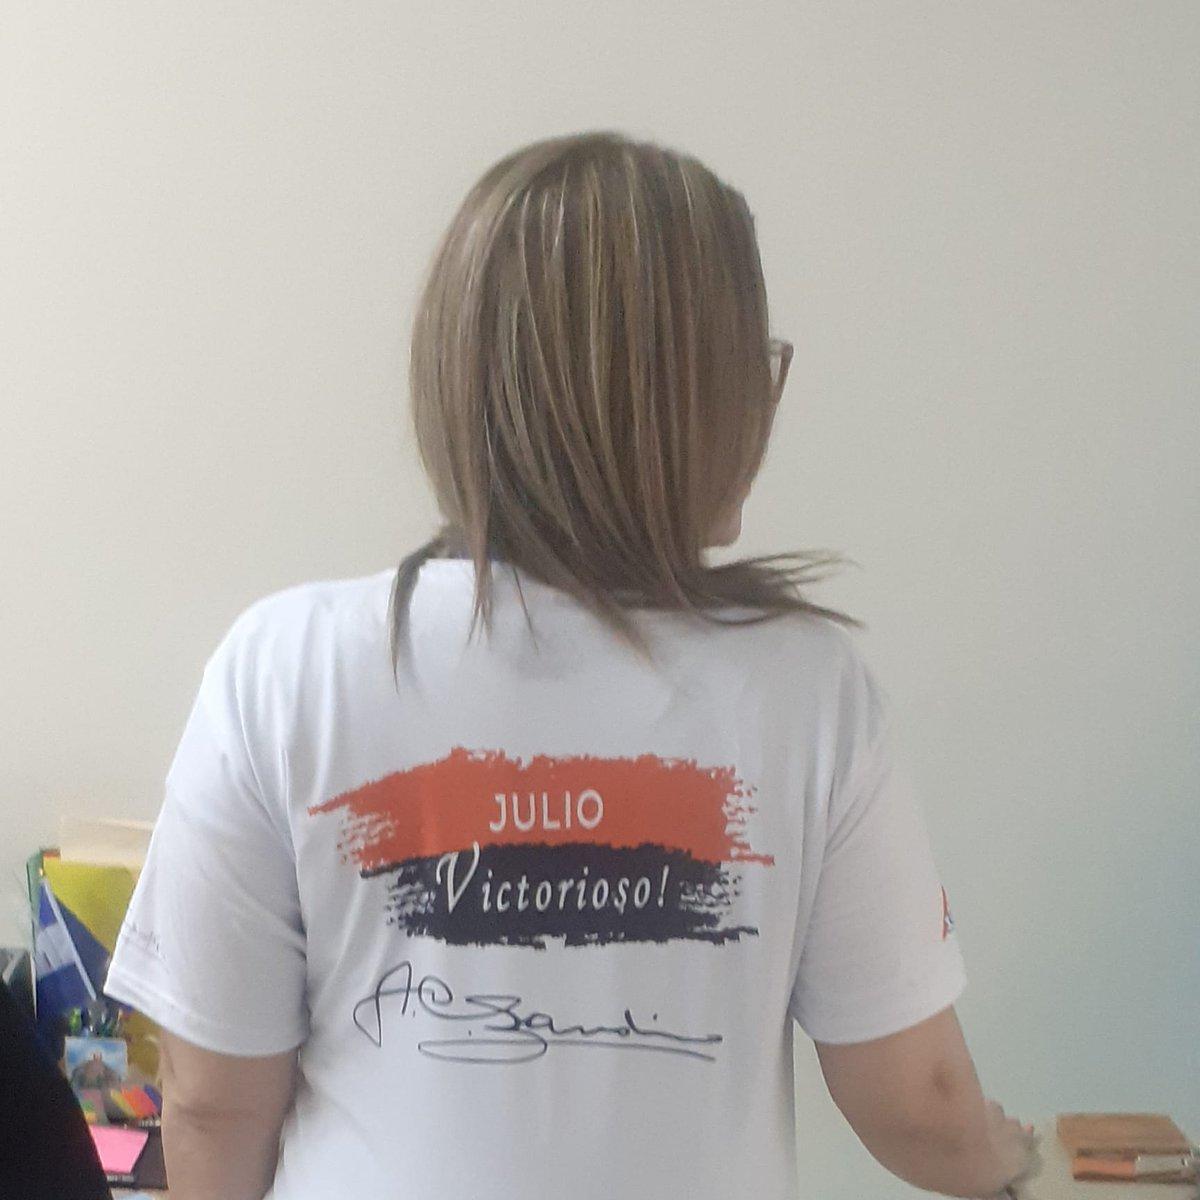 A pocos dias de celebrar nuestro 19 de Julio, yo ya estoy estrenando mi camiseta de #JulioVictoriososSiempre   #41ElPuebloUnido   #PLOMO19 https://t.co/KusC9bQNO9